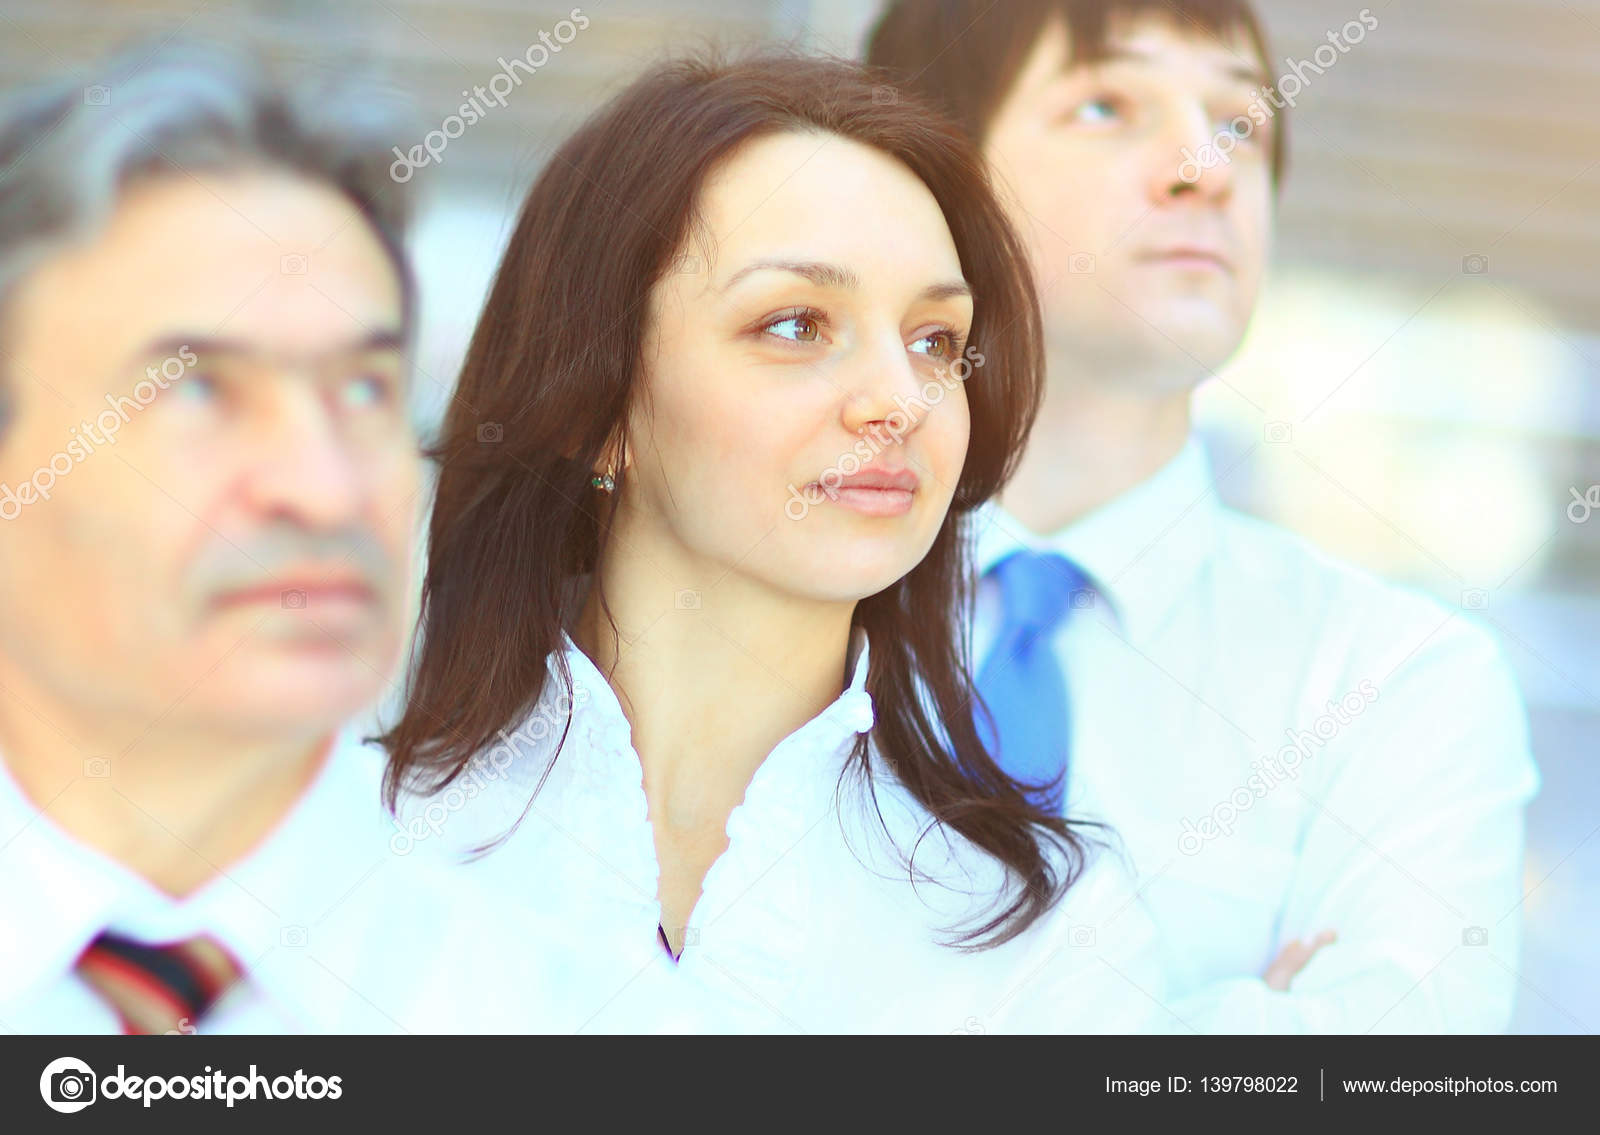 Группа успешных деловых людей работающих вместе время встречи зале.